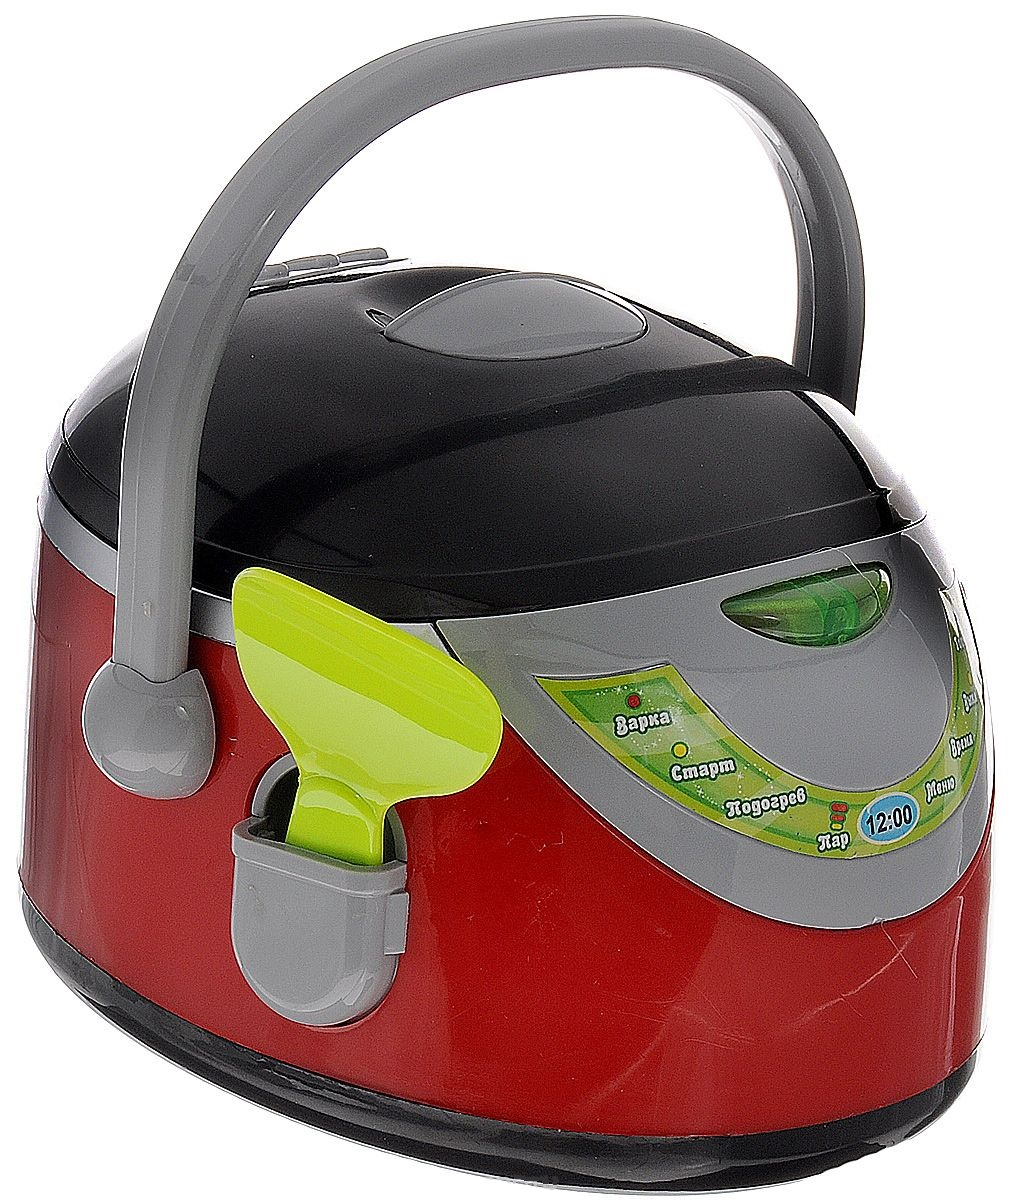 Мультиварка со световыми и звуковыми эффектамиАксессуары и техника для детской кухни<br>Мультиварка со световыми и звуковыми эффектами<br>